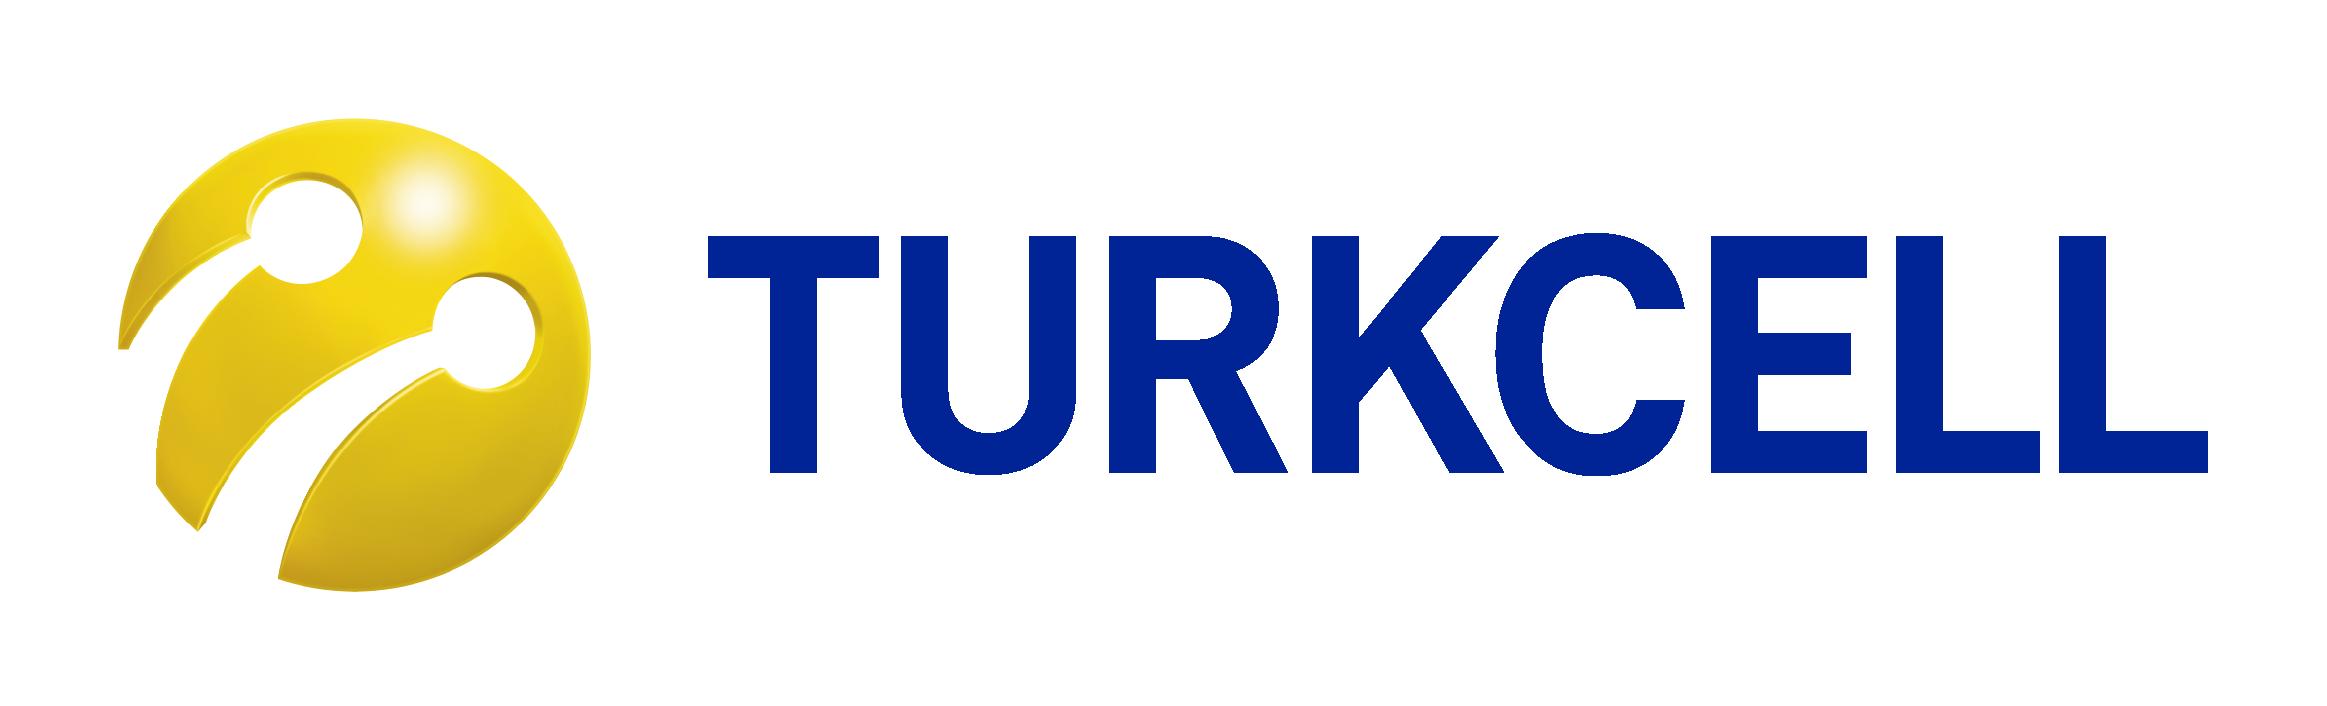 turkcell pest analizi